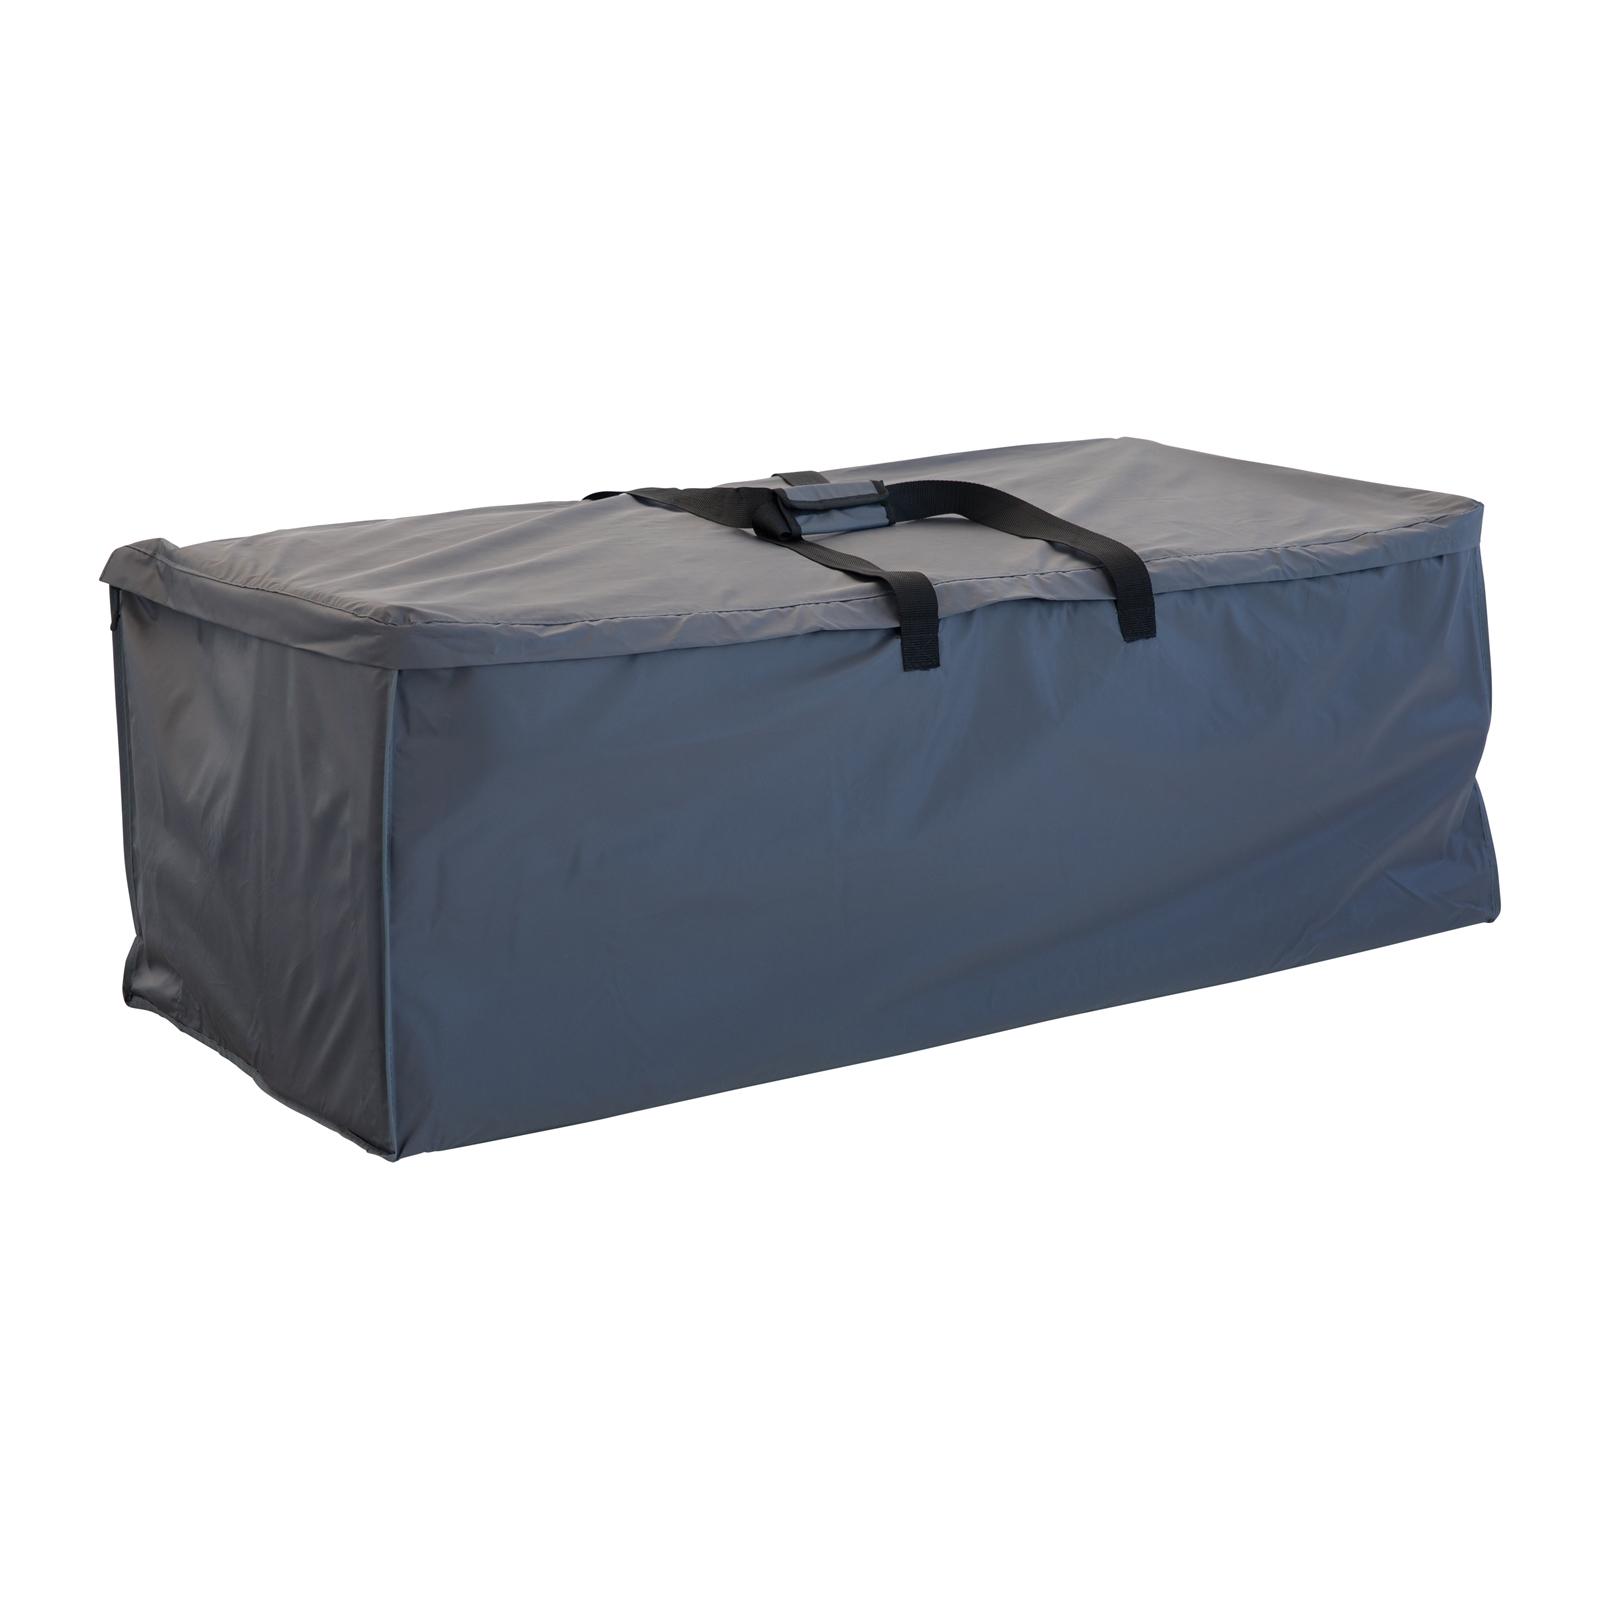 Polytuf 500 x 400 x 1200mm Samara Large Cushion Storage Bag